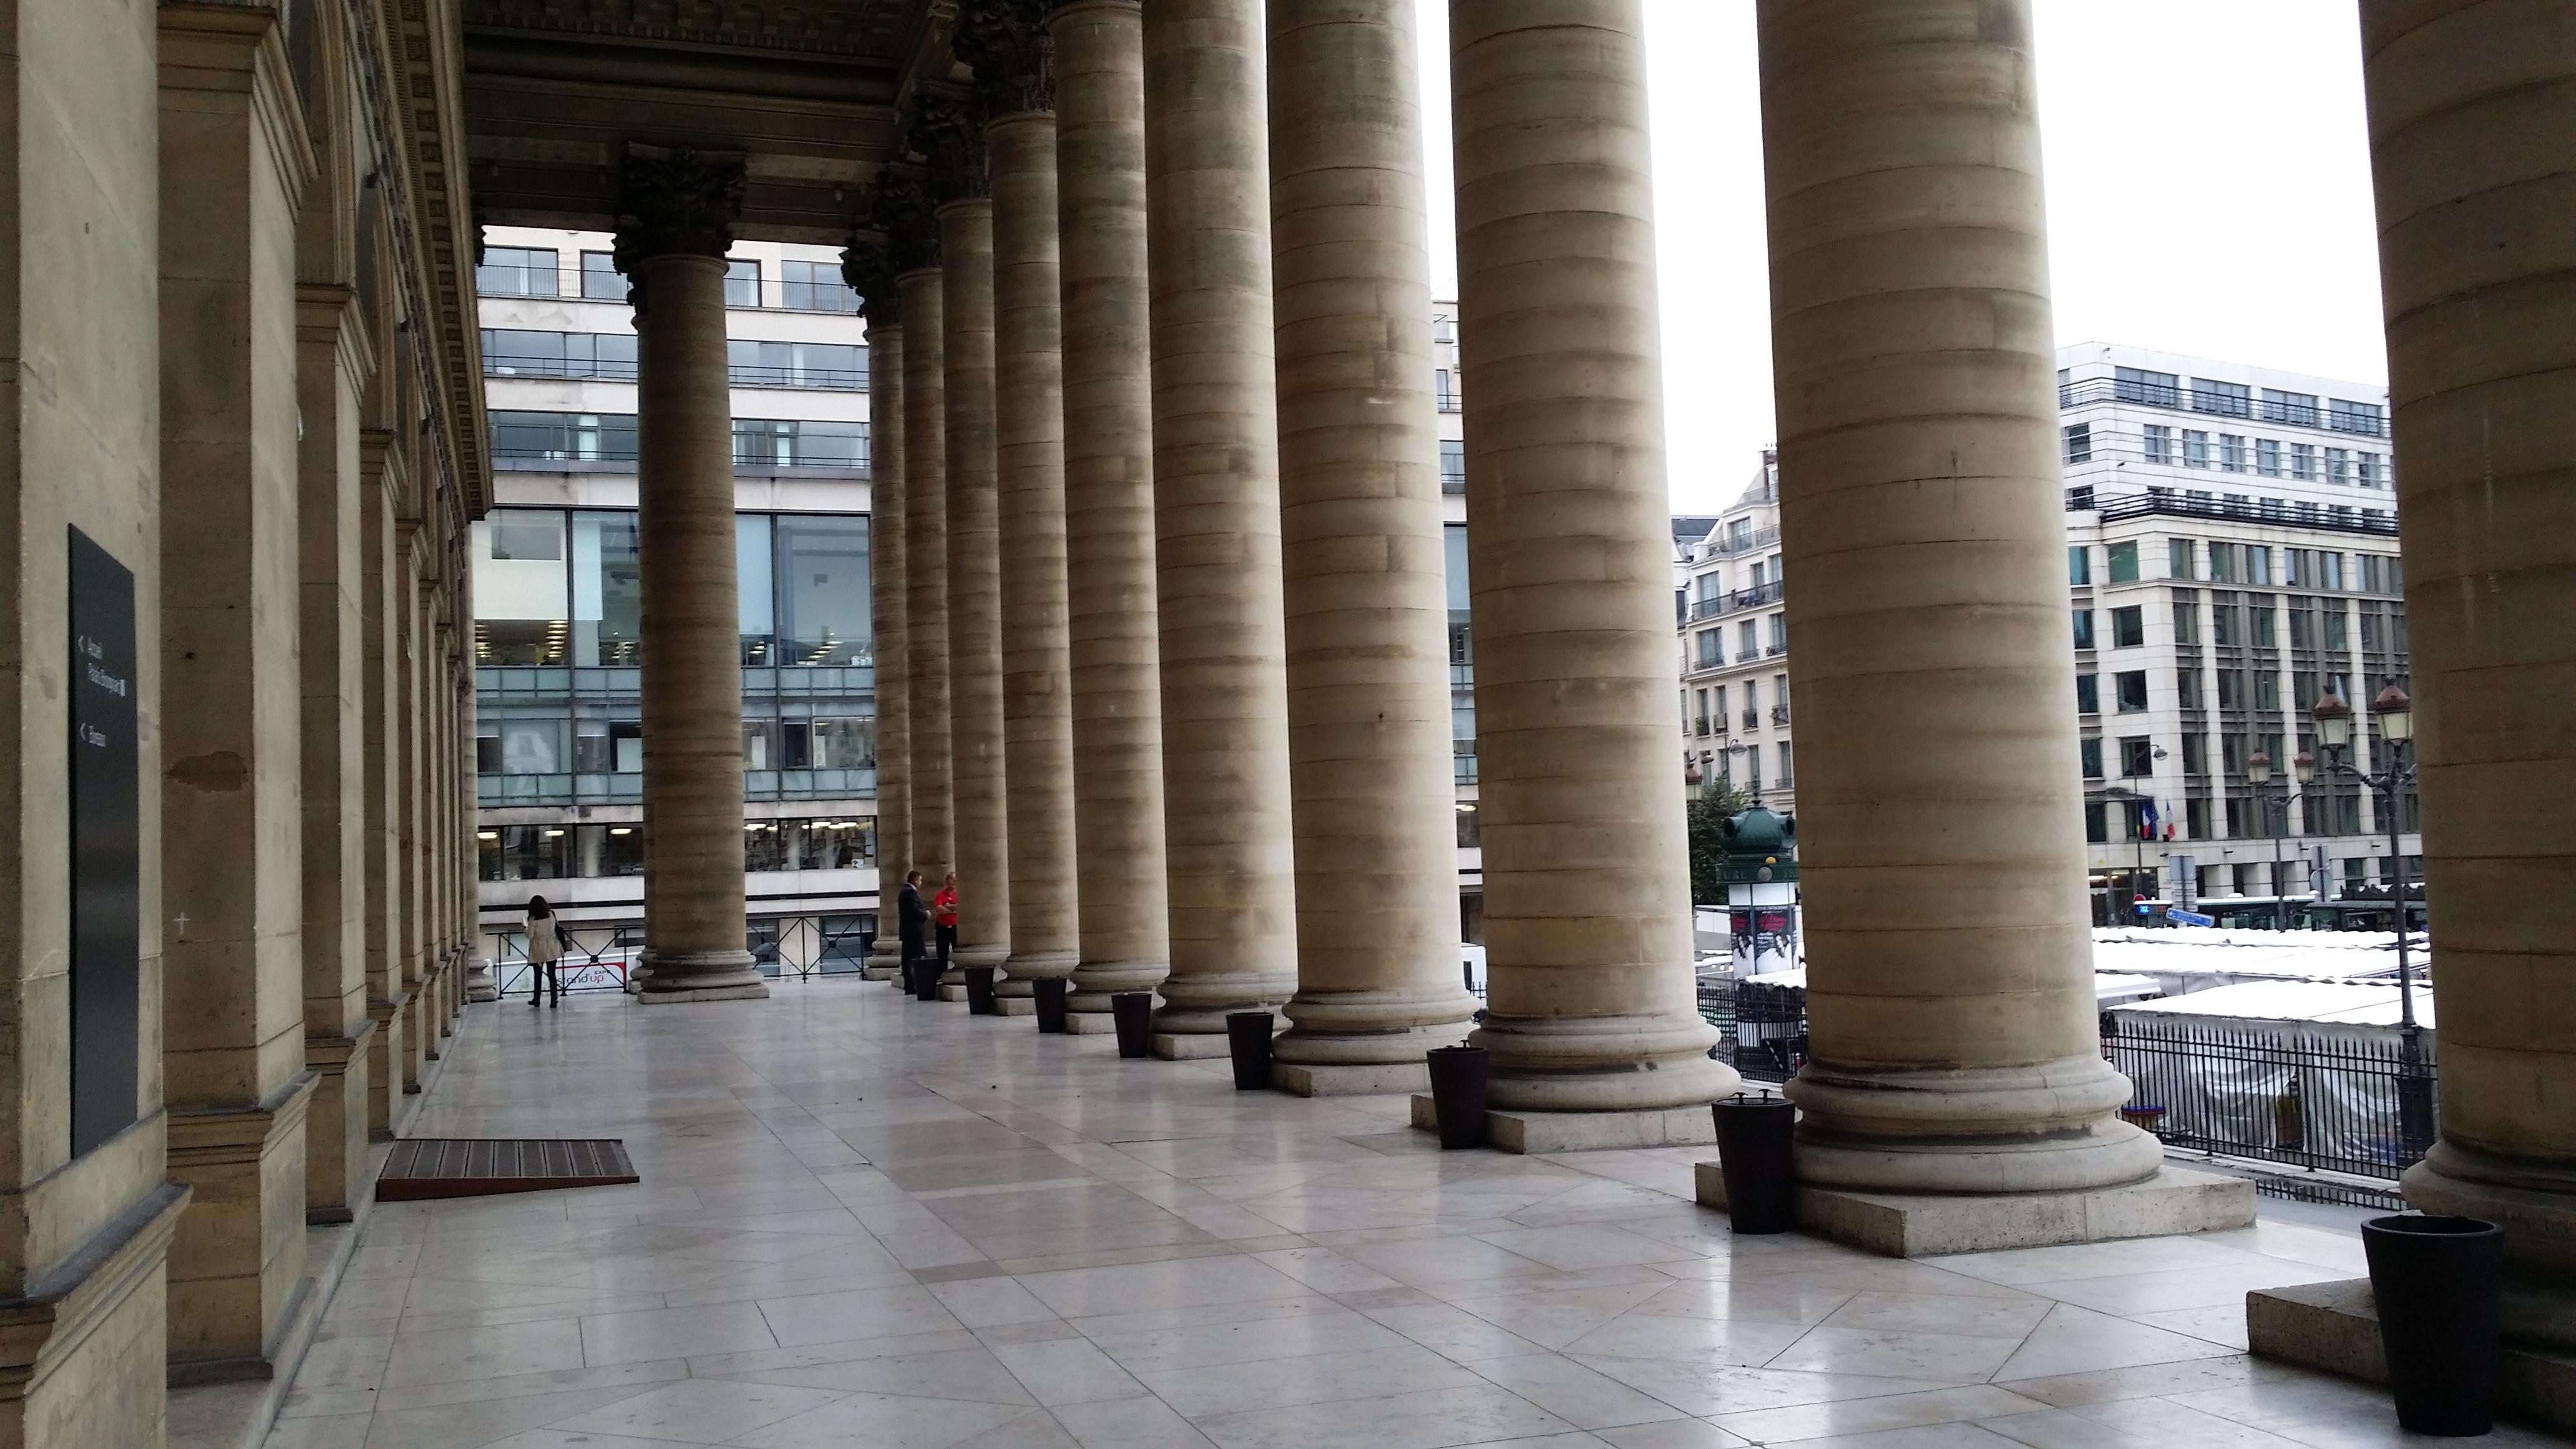 Cac 40 : Le marché parisien repique du nez face à la nouvelle hausse des prix de l'énergie